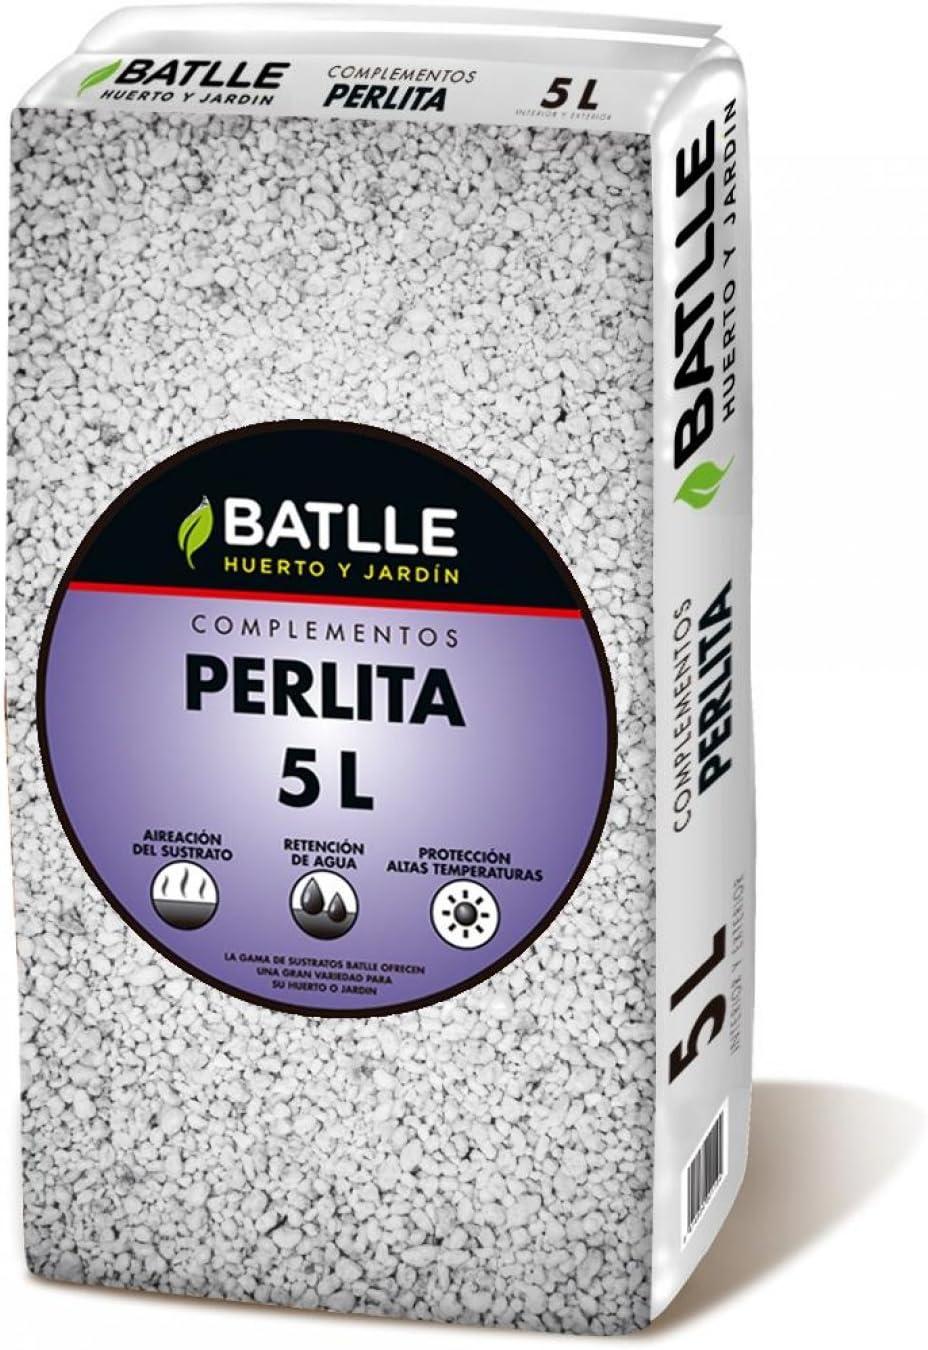 Sustratos - Sustrato Perlita 5L - Batlle